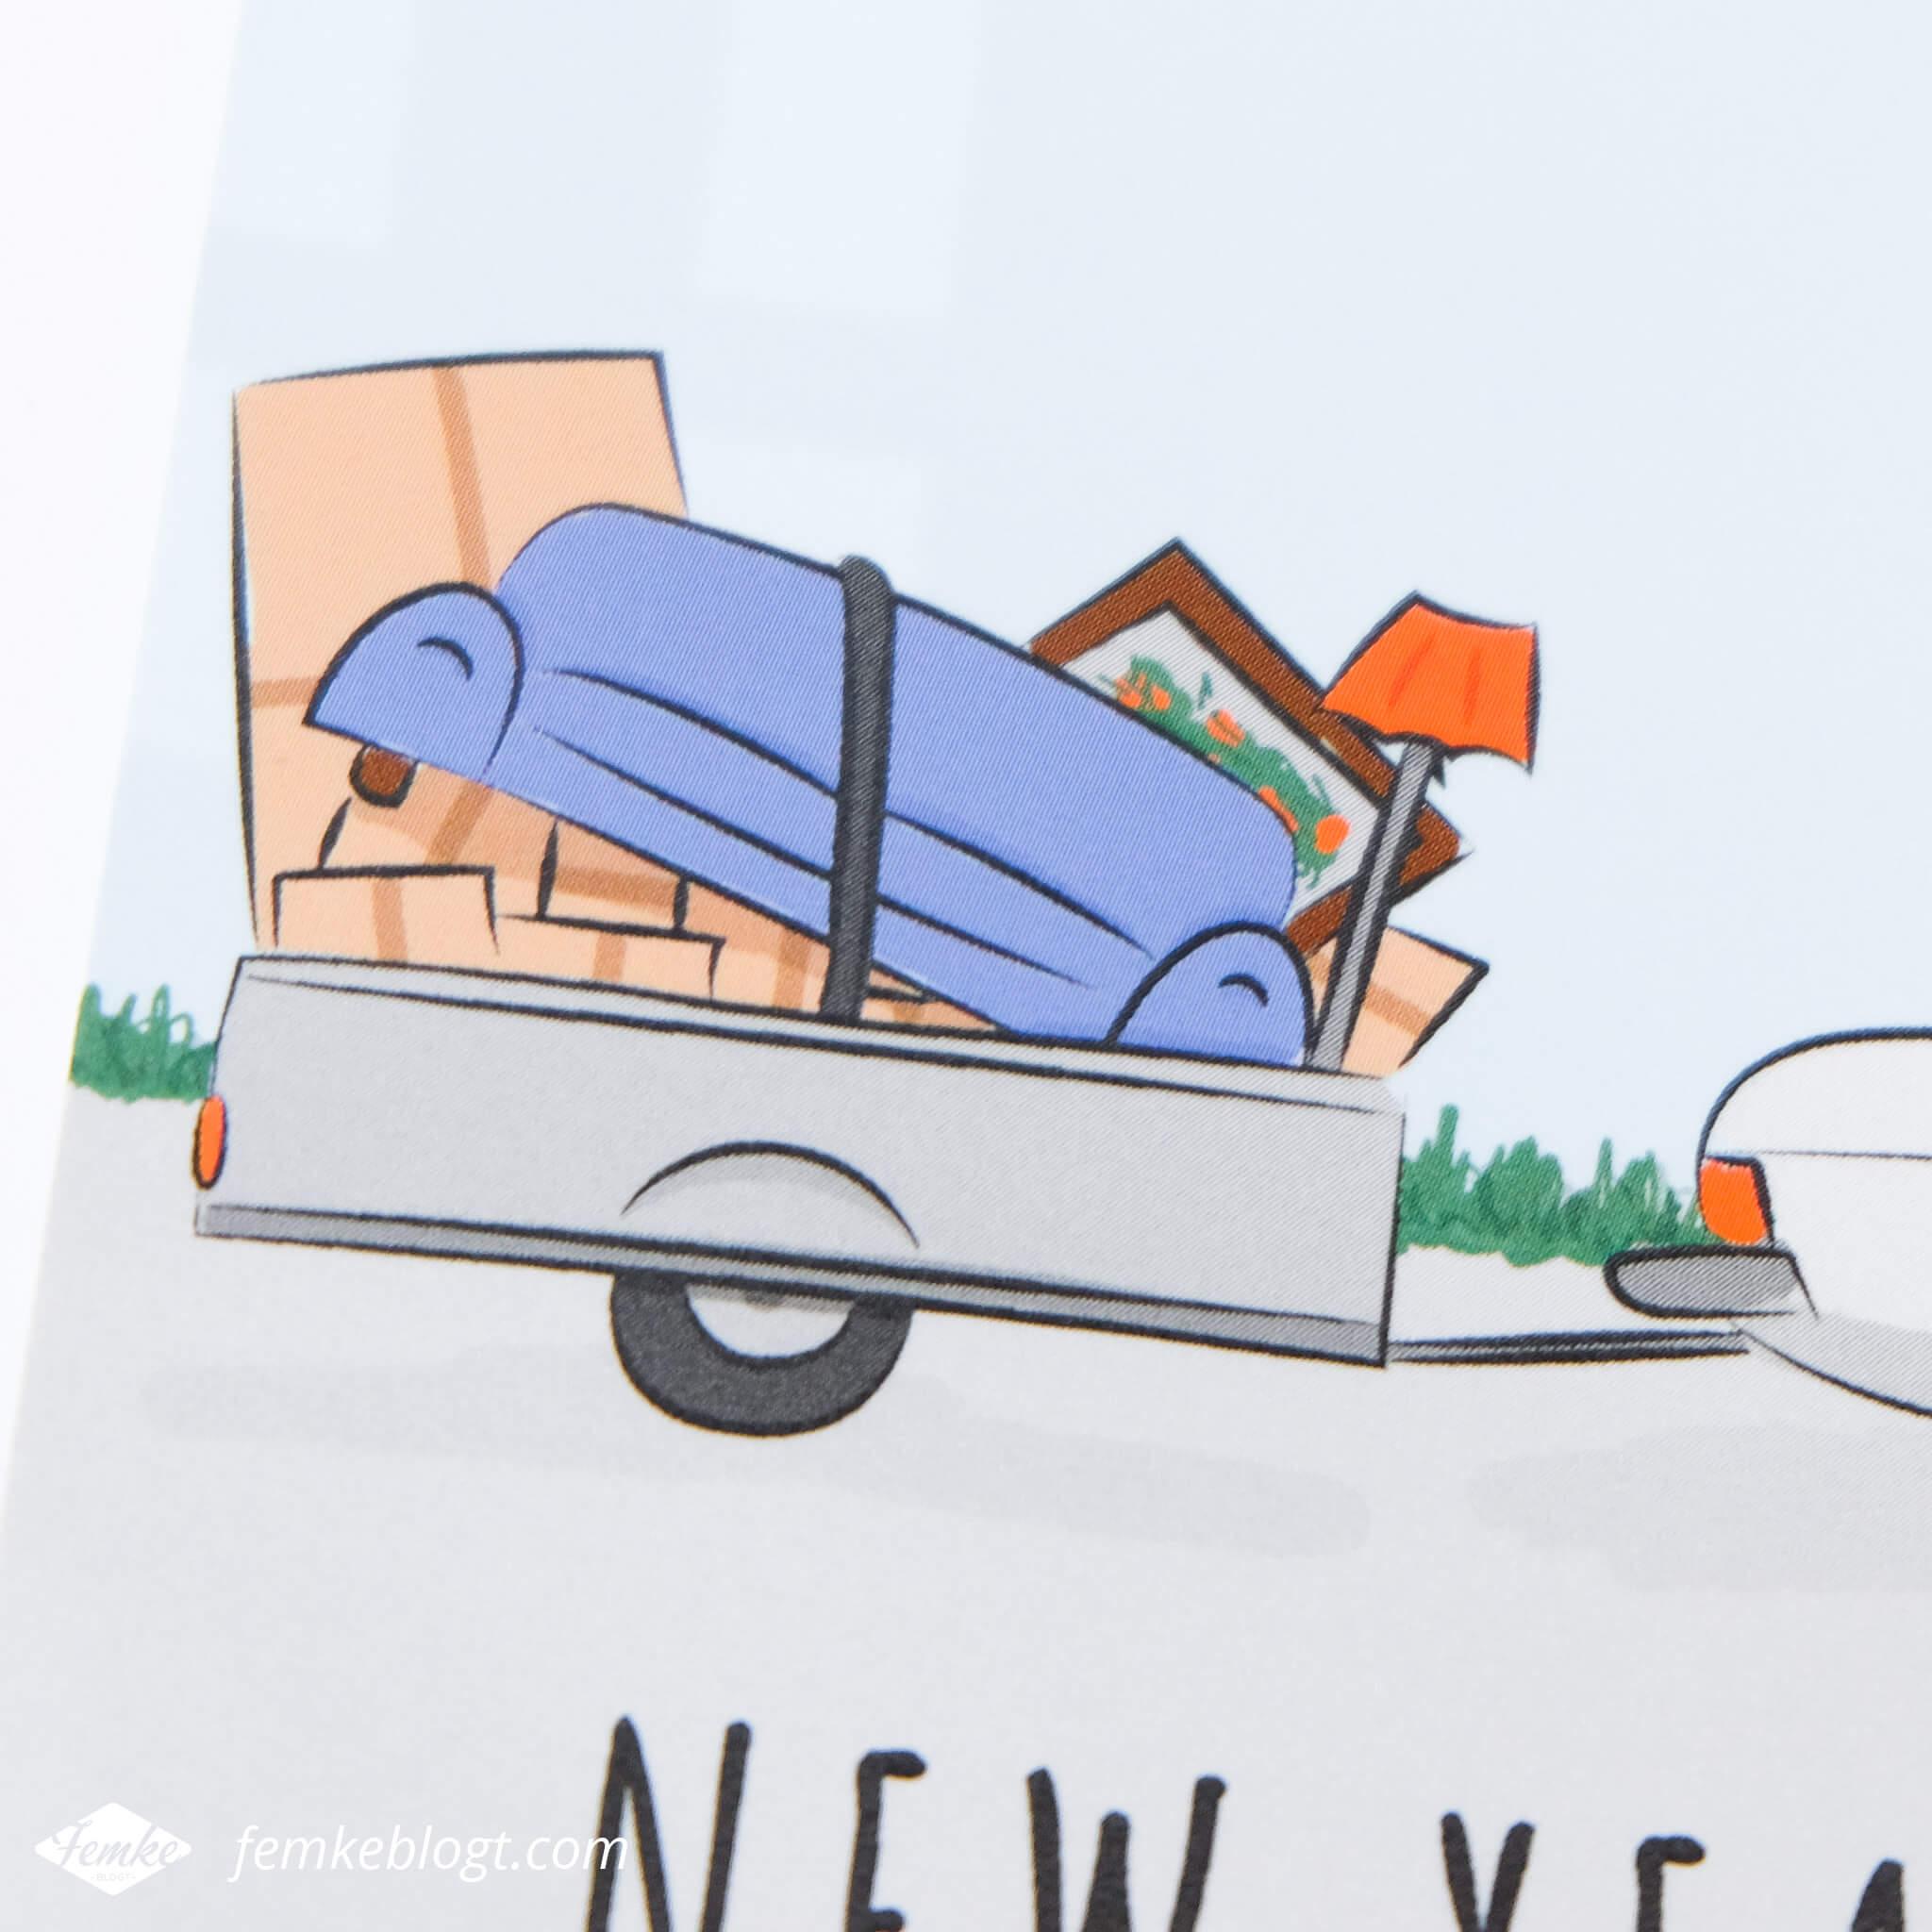 Verhuiskaart ontwerp New year, new home! | Detail foto van de illustratie van de auto met aanhangwagen.